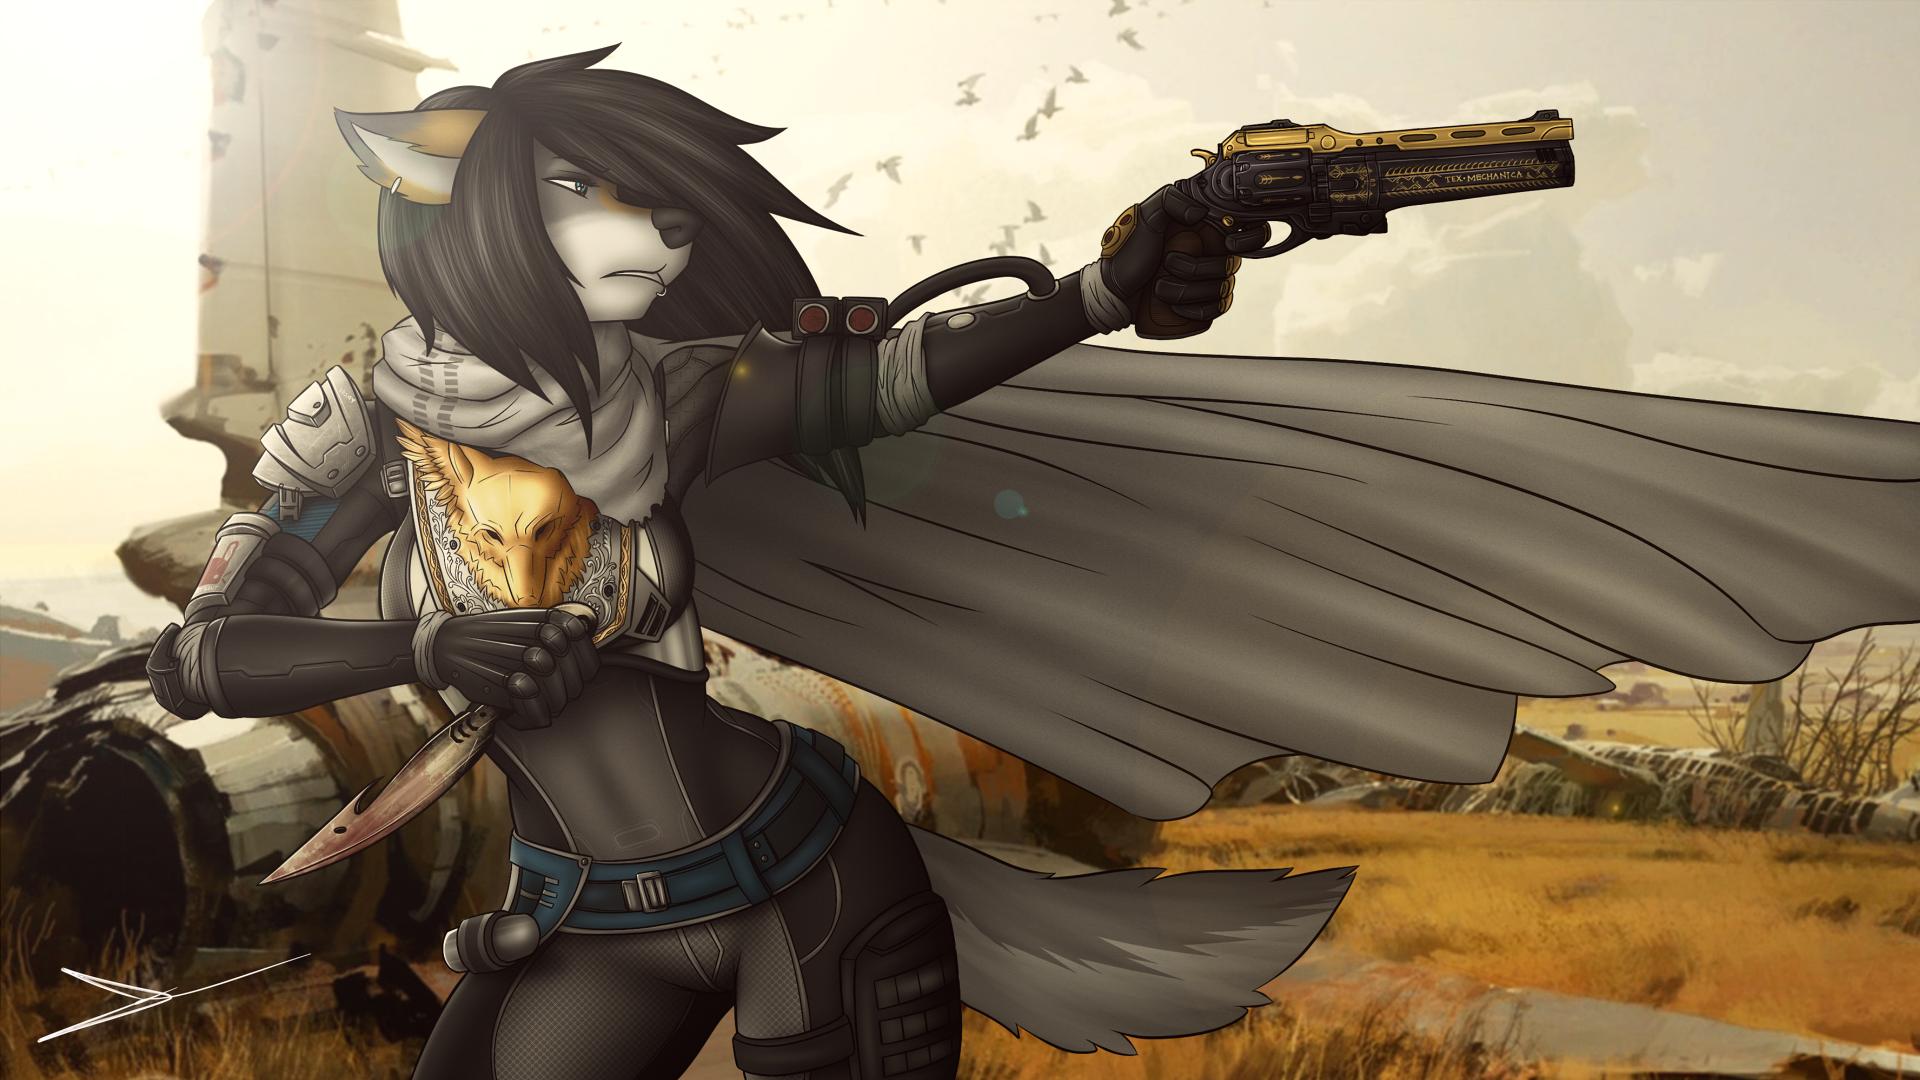 Wallpaper  Anime, Destiny Video Game, Furry, Anthro, Fantasy Weapon, Mythology -3356